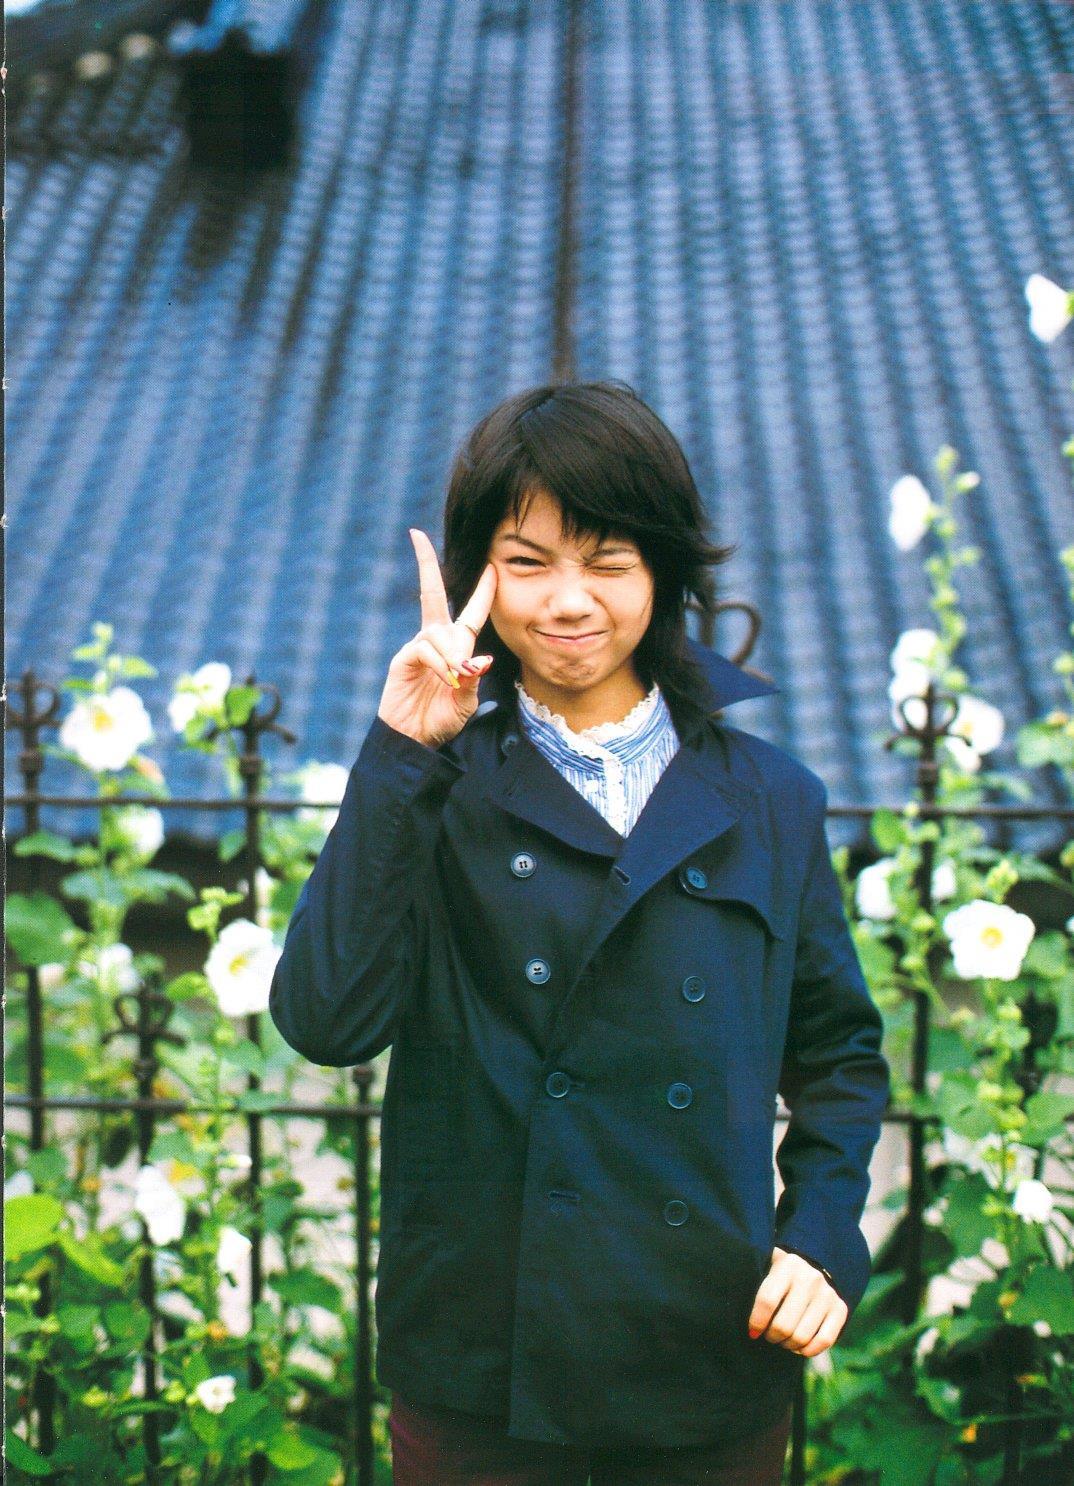 宮崎あおい エロ画像 112